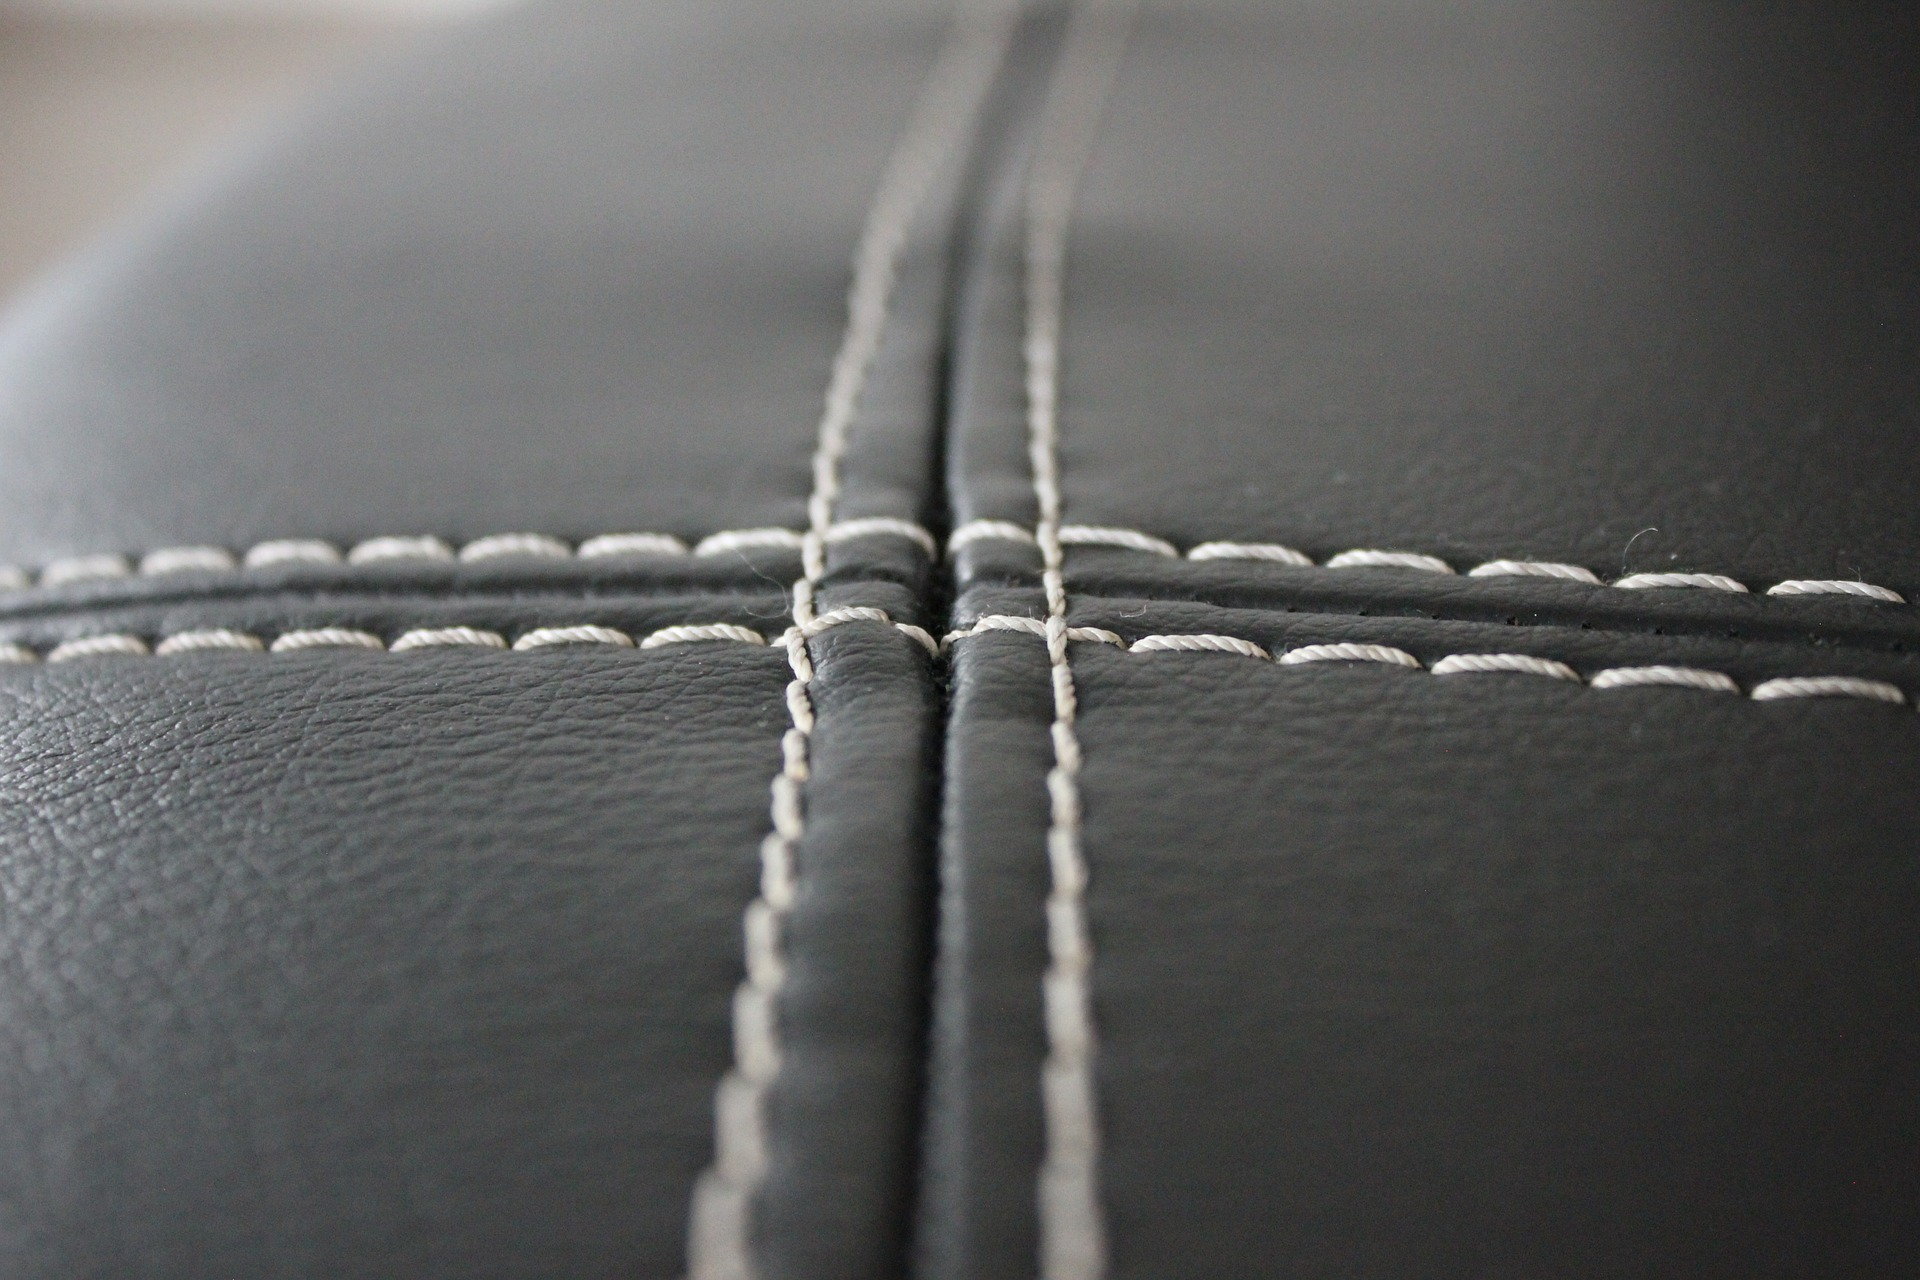 sewing-419716_1920.jpg